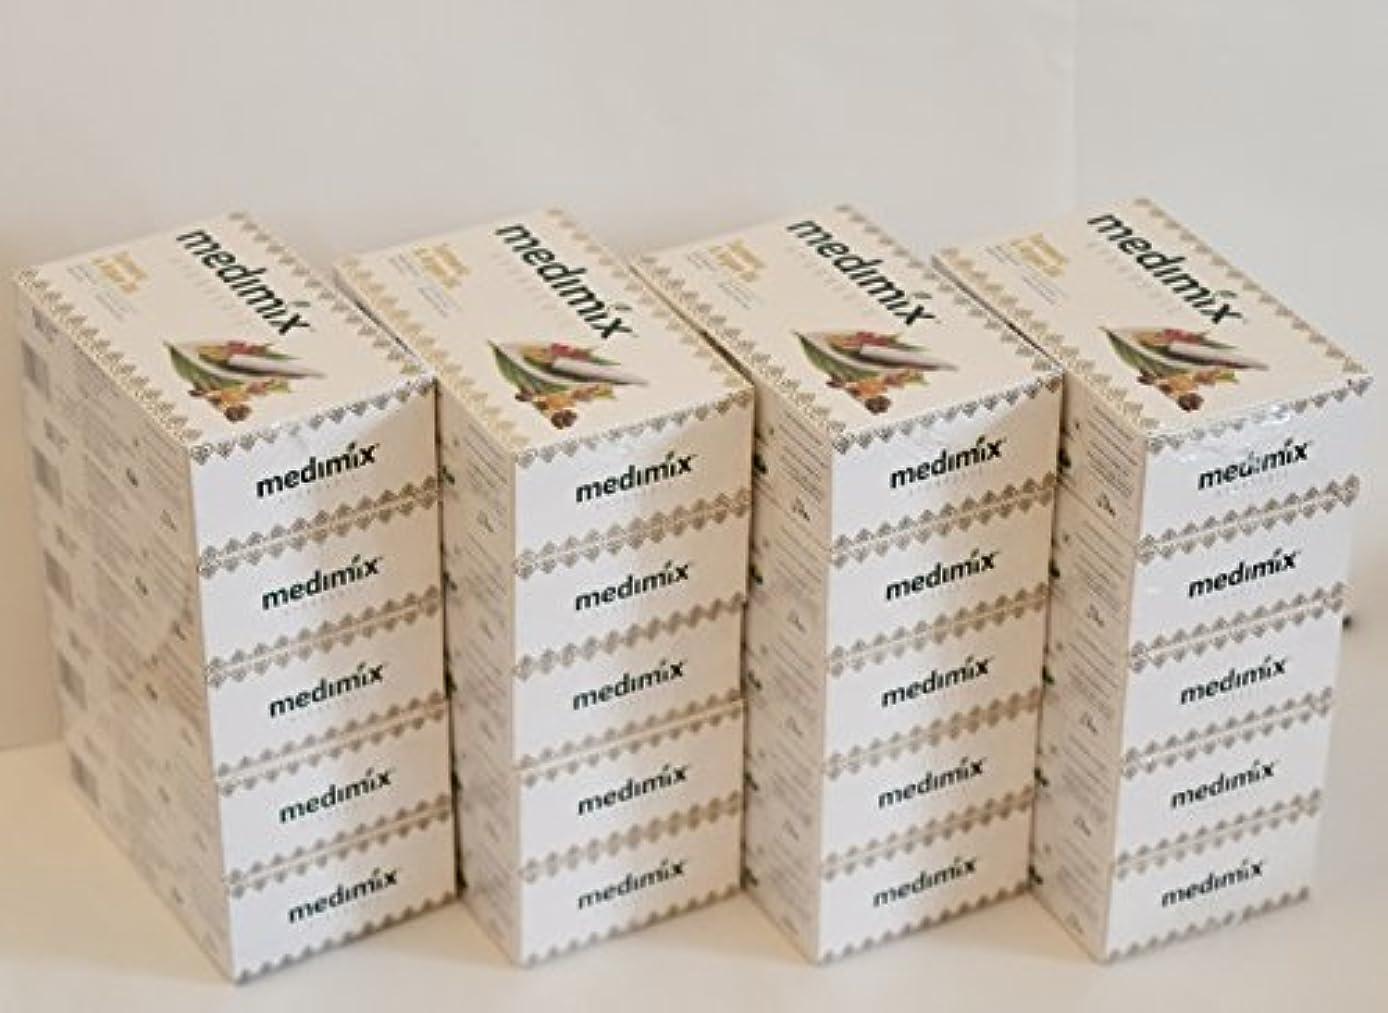 直立存在悪性MEDIMIX メディミックス アーユルヴェーダ ターメリック アンド アルガン石鹸(medimix AYURVEDA Turmeric & Argan) 125g 20個入り